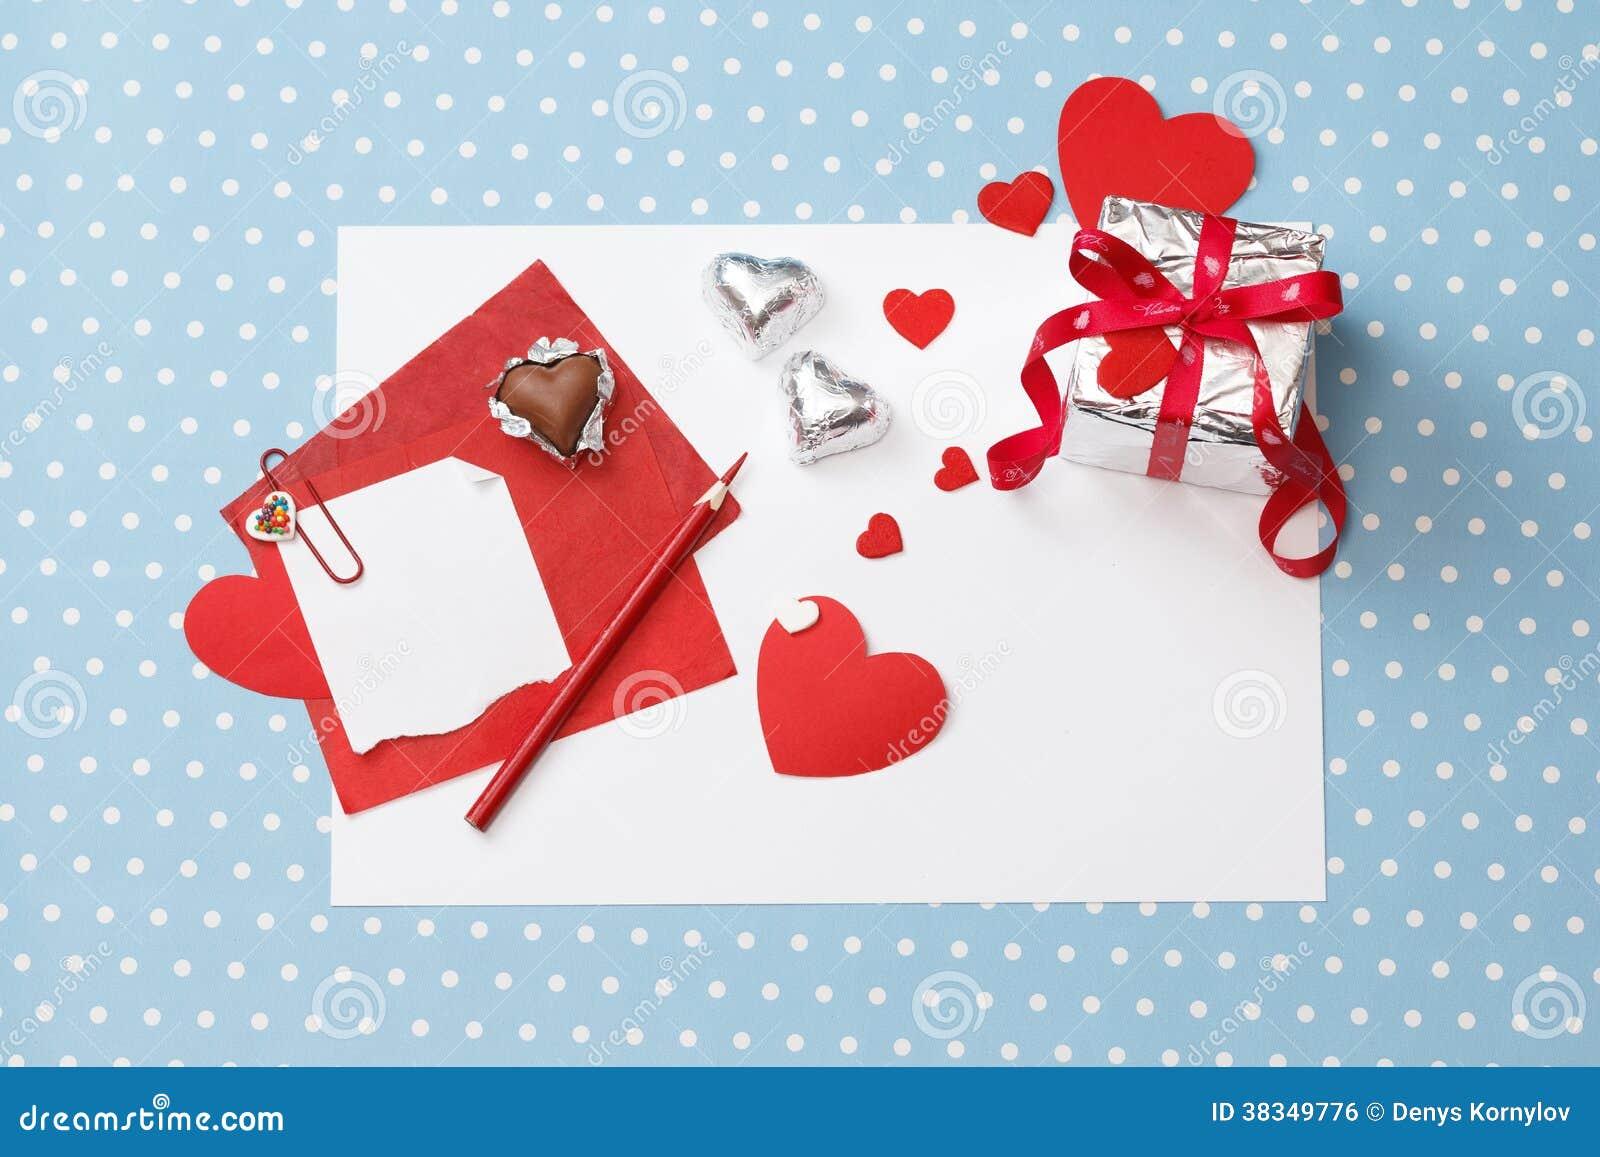 Valentinstagliebesmitteilung, unfertig, mit Geschenkbox